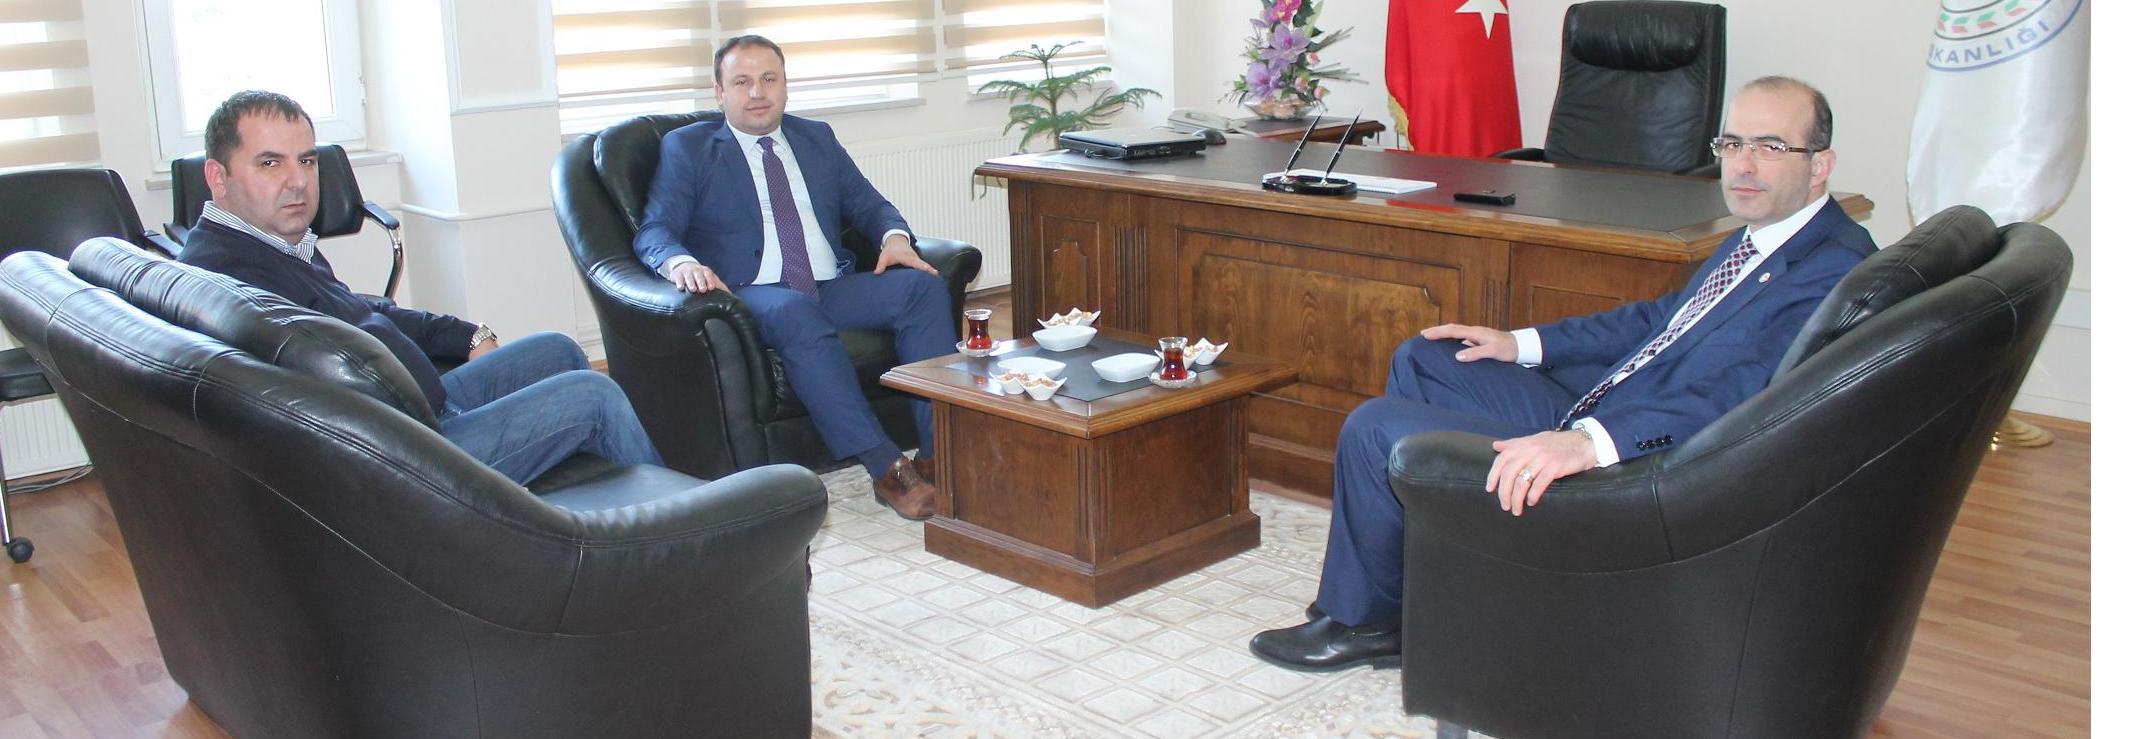 Erbaa Belediye Başkanı Hüseyin YILDIRIM' dan Baromuza Ziyaret